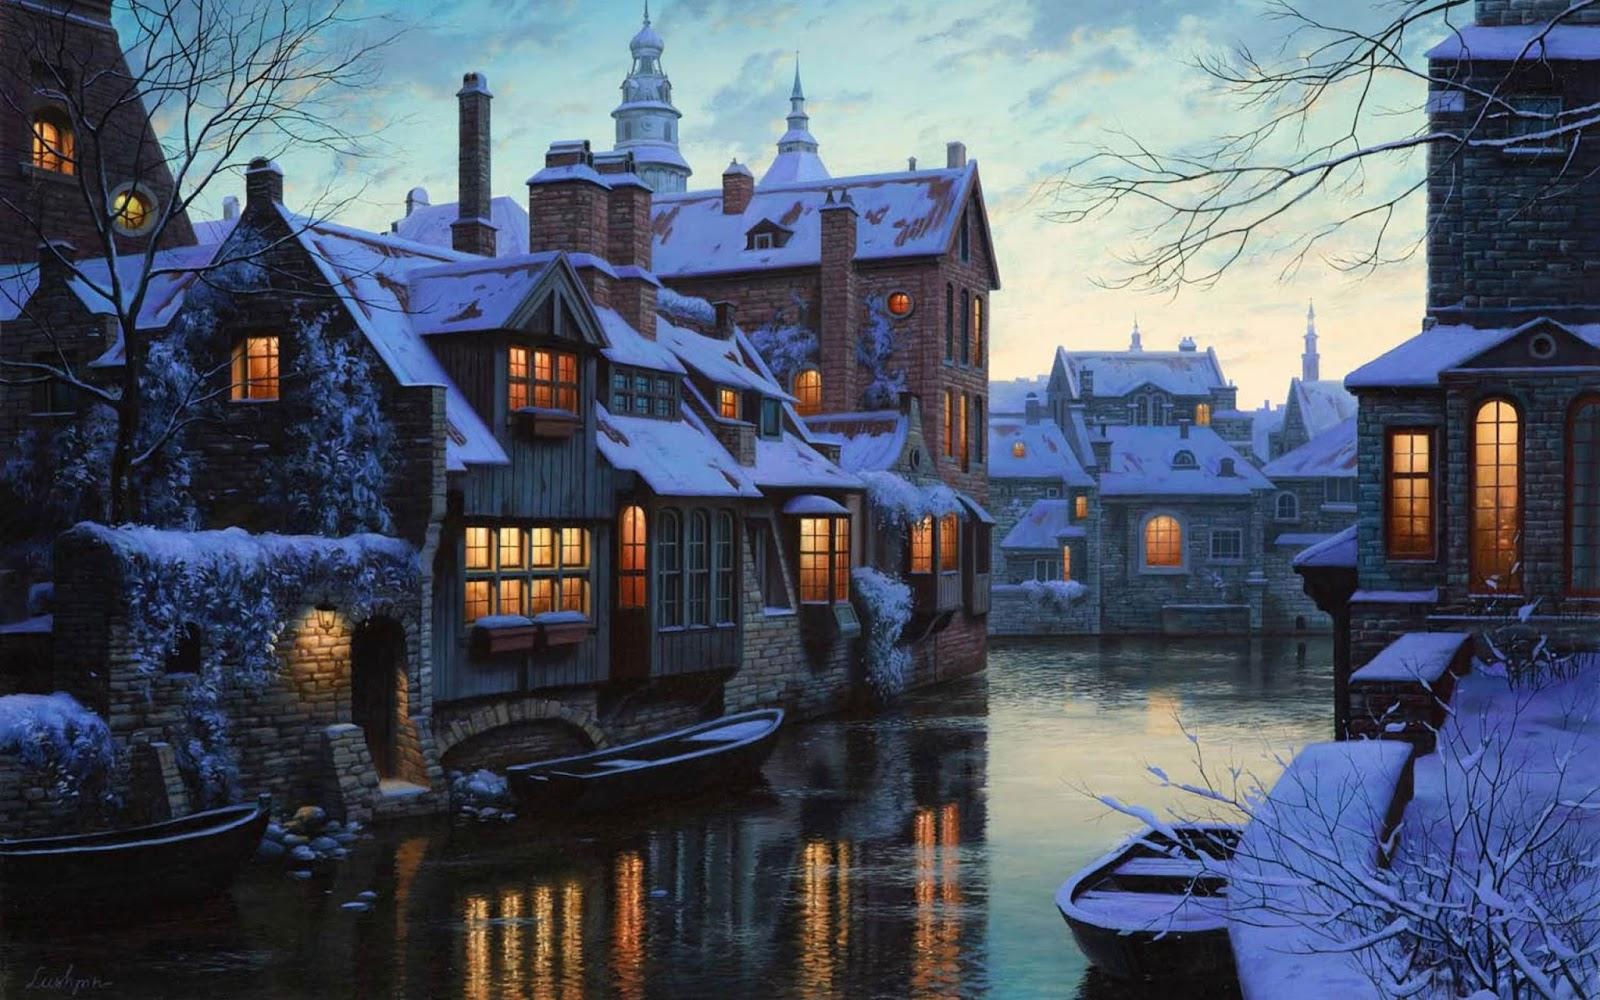 Bruges Winter